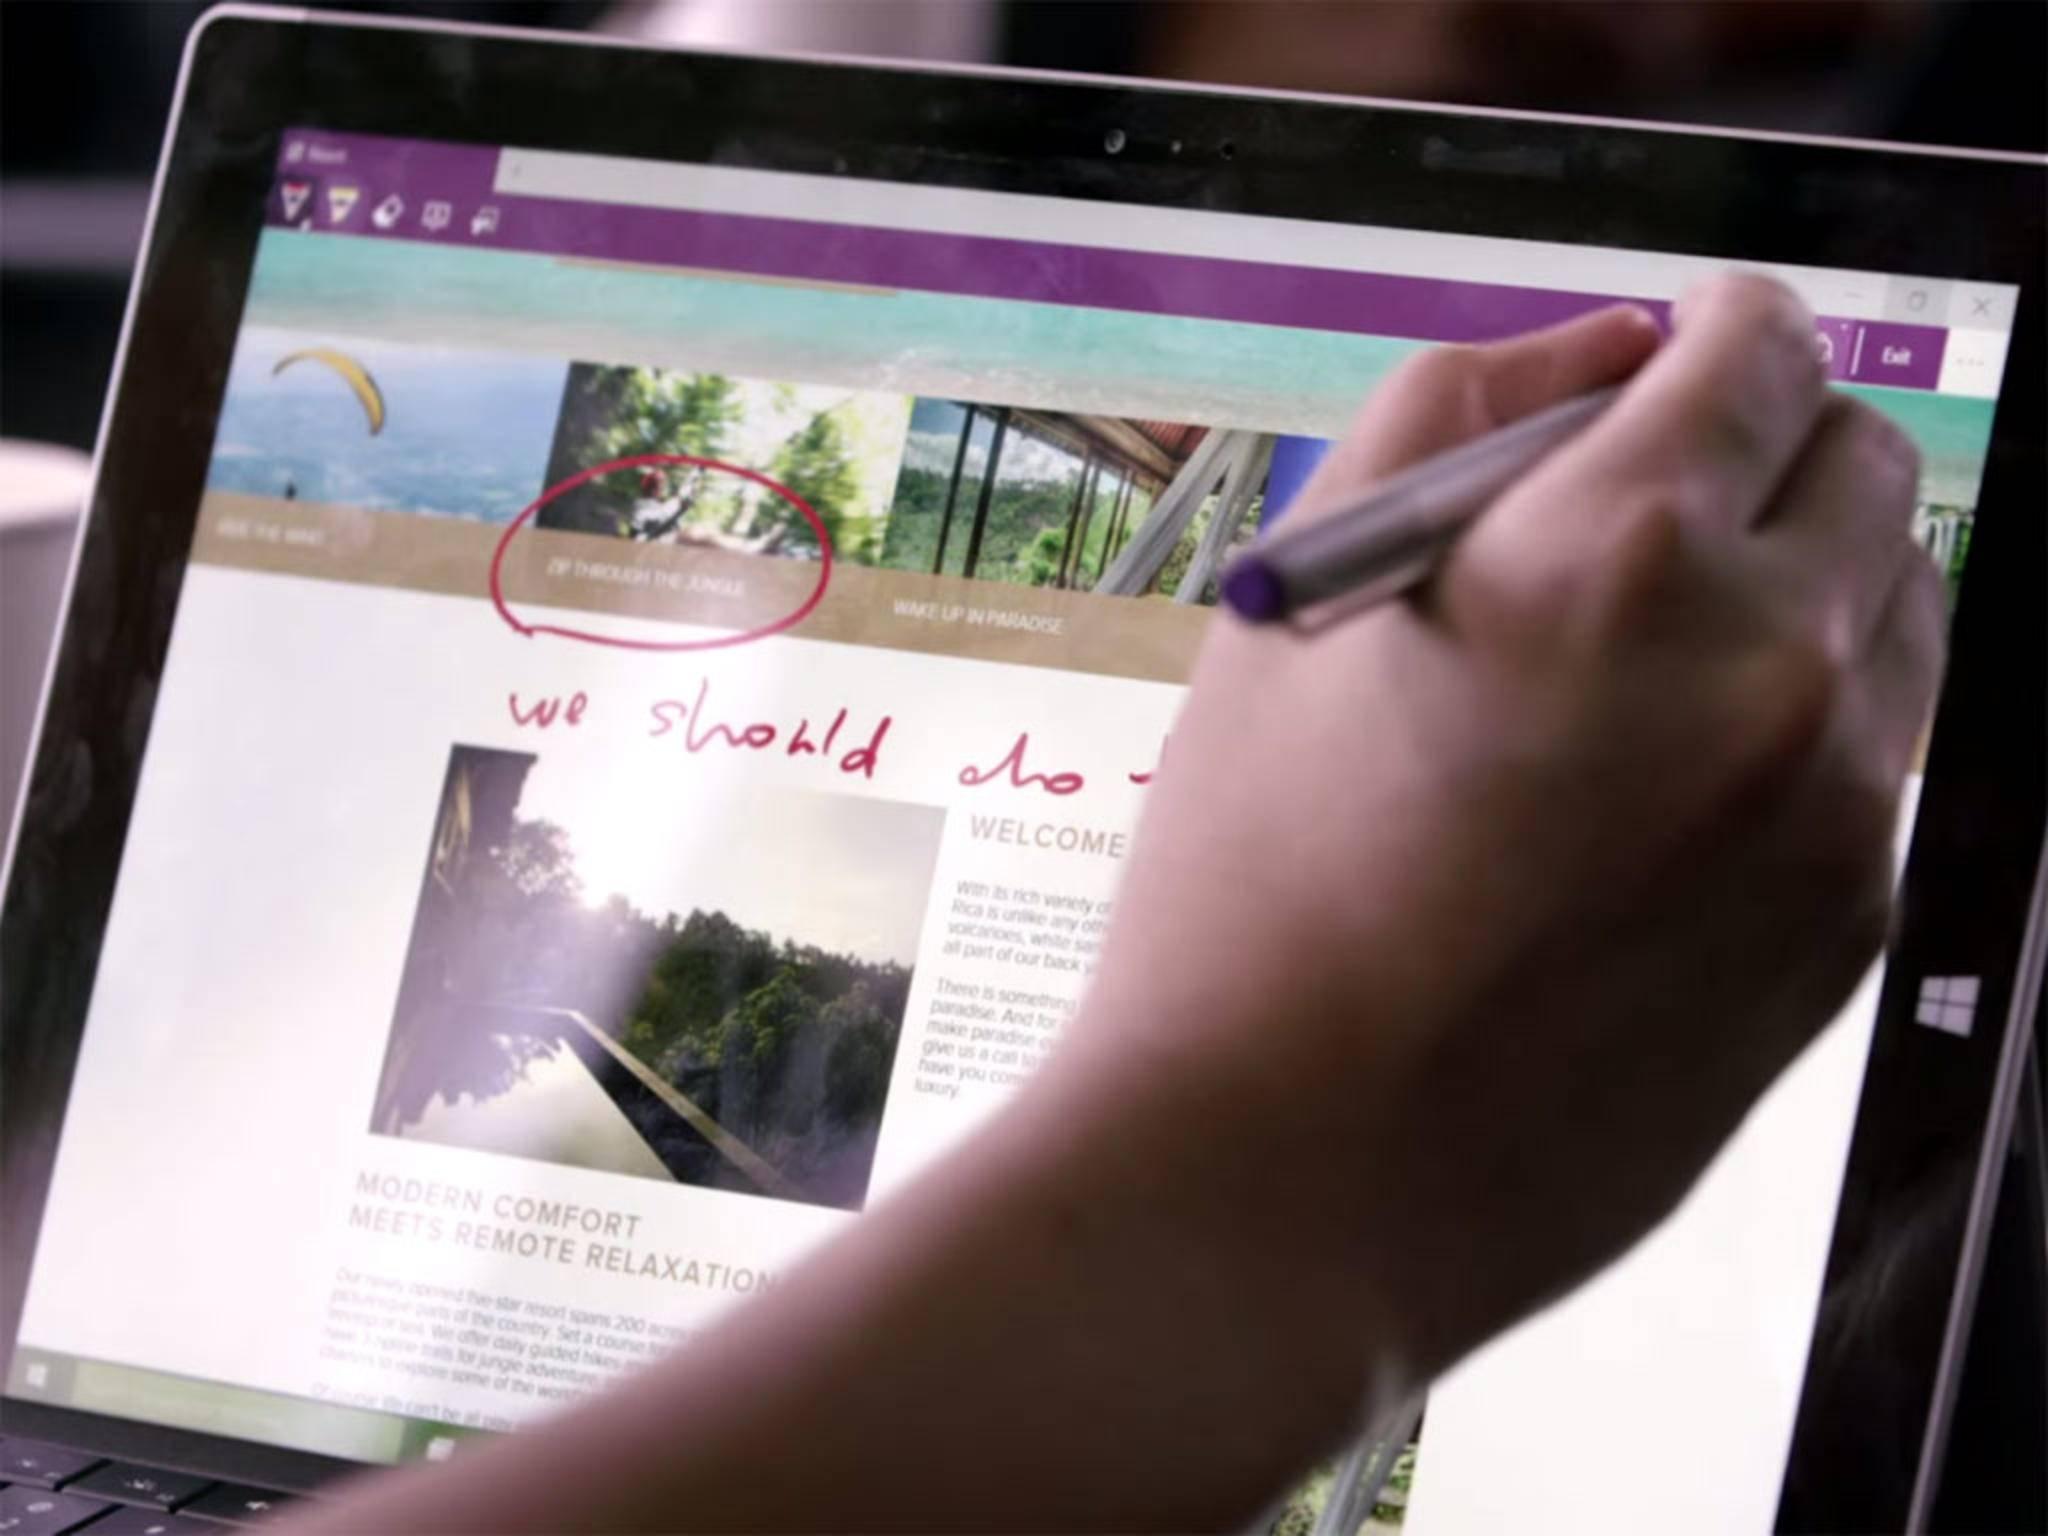 Der neue Spartan-Browser in Windows 10